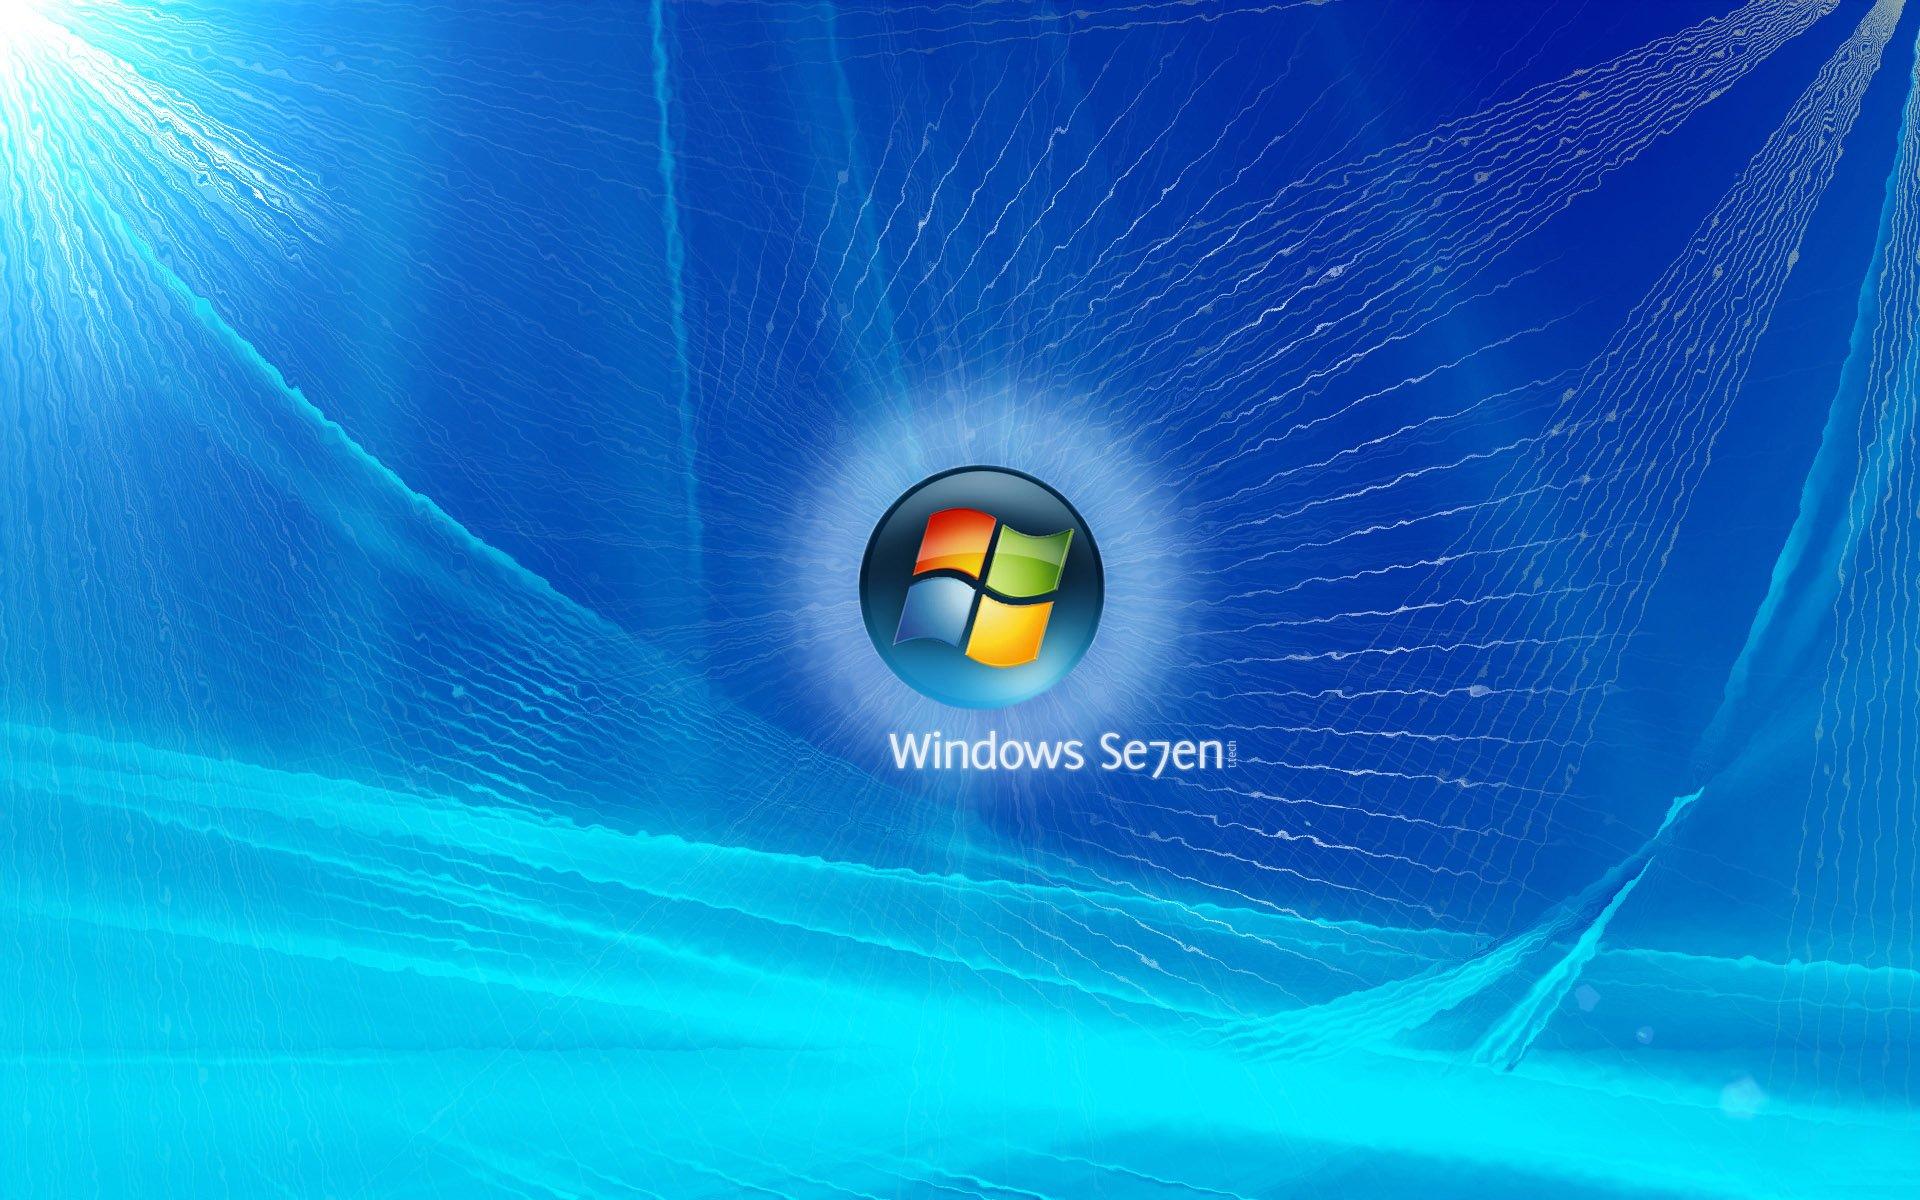 wallpaper windows screen se7en 1920x1200 1920x1200